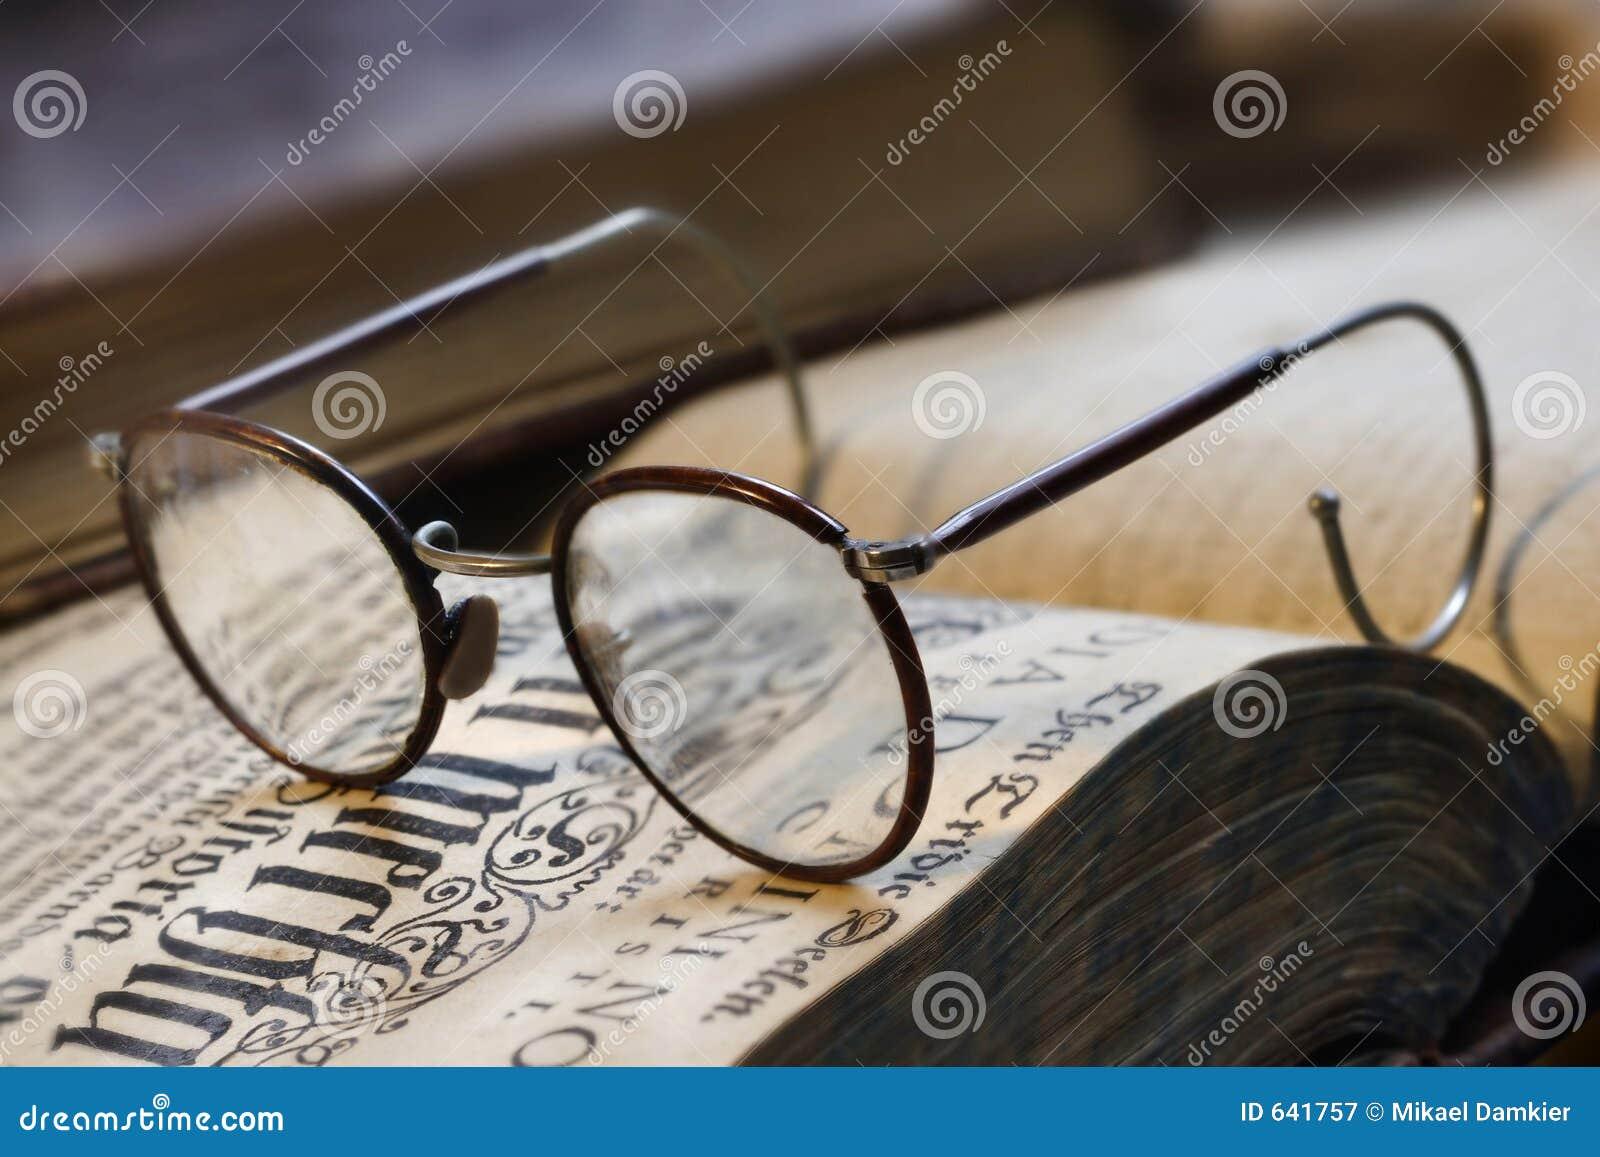 Download Eyeglasses книги стоковое изображение. изображение насчитывающей читает - 641757